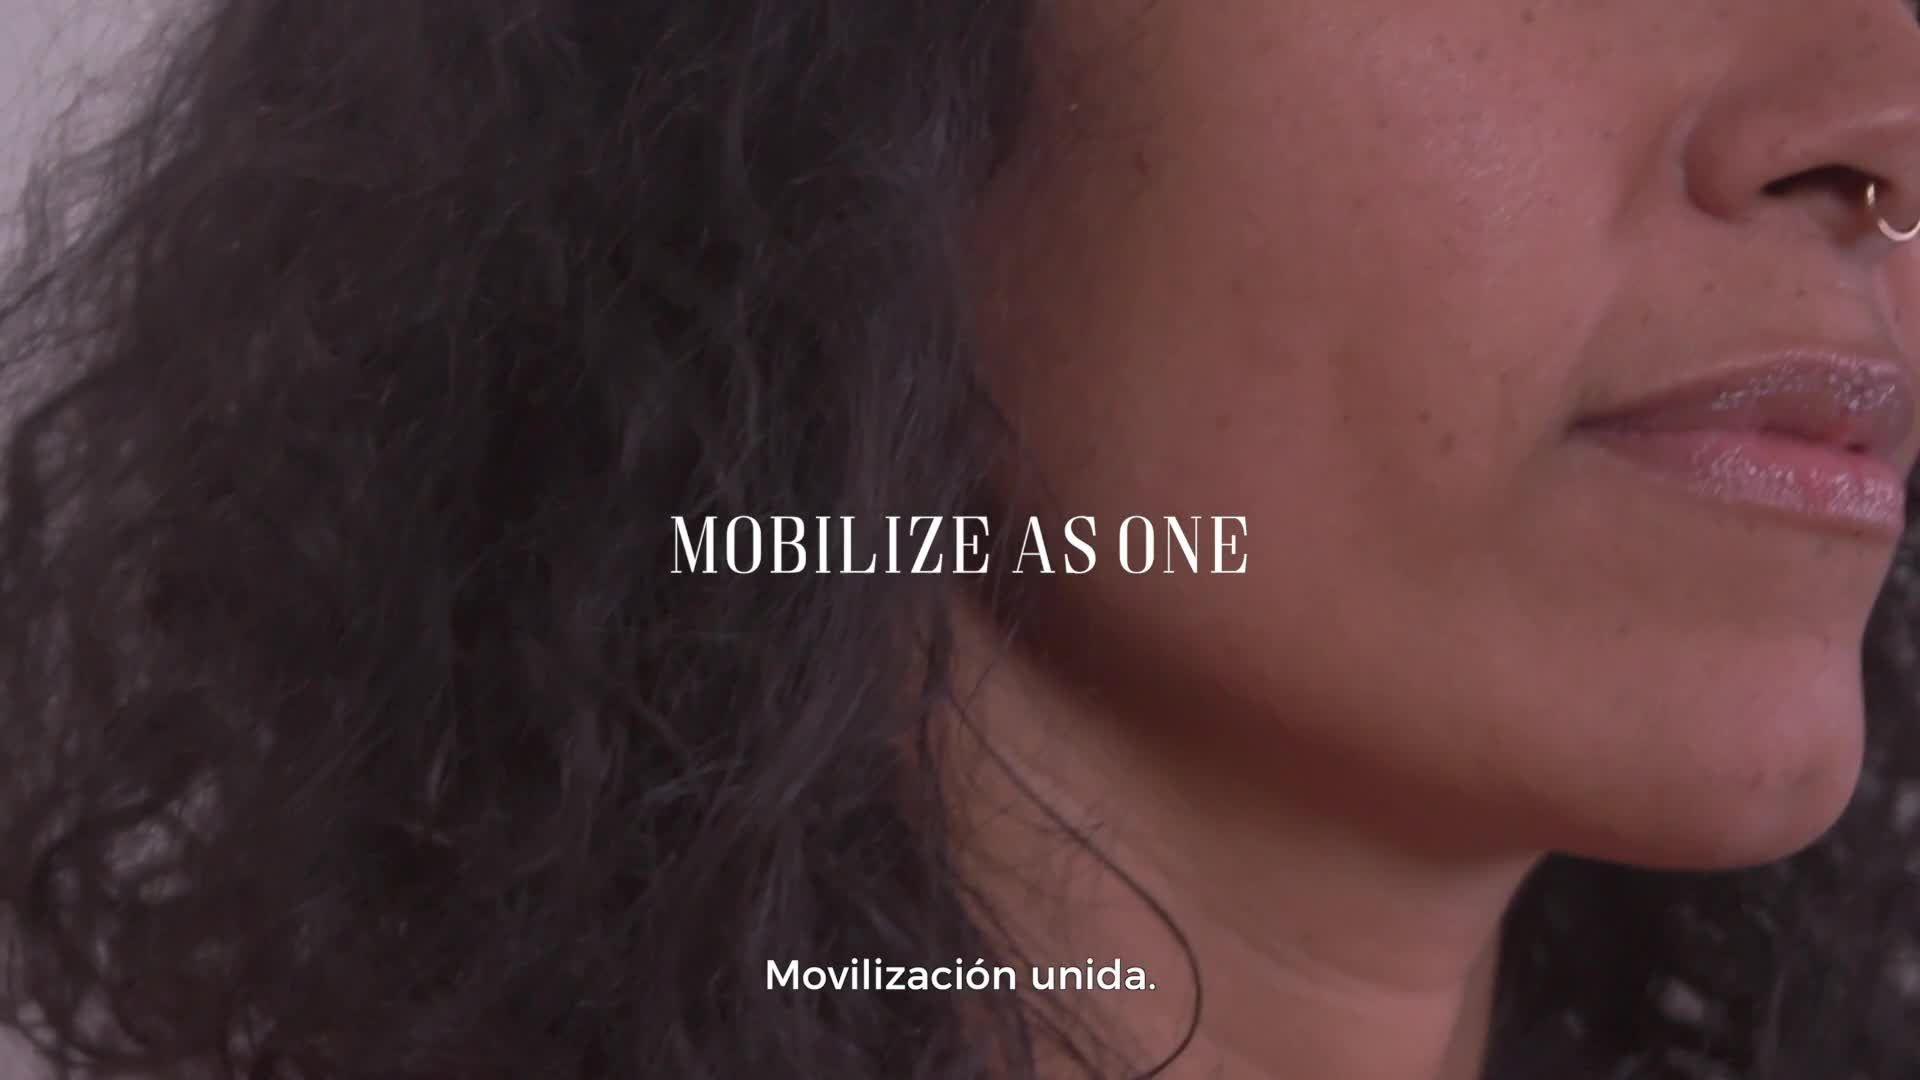 ¡REPRESENTA! | Episode 11 | Mobilize As One